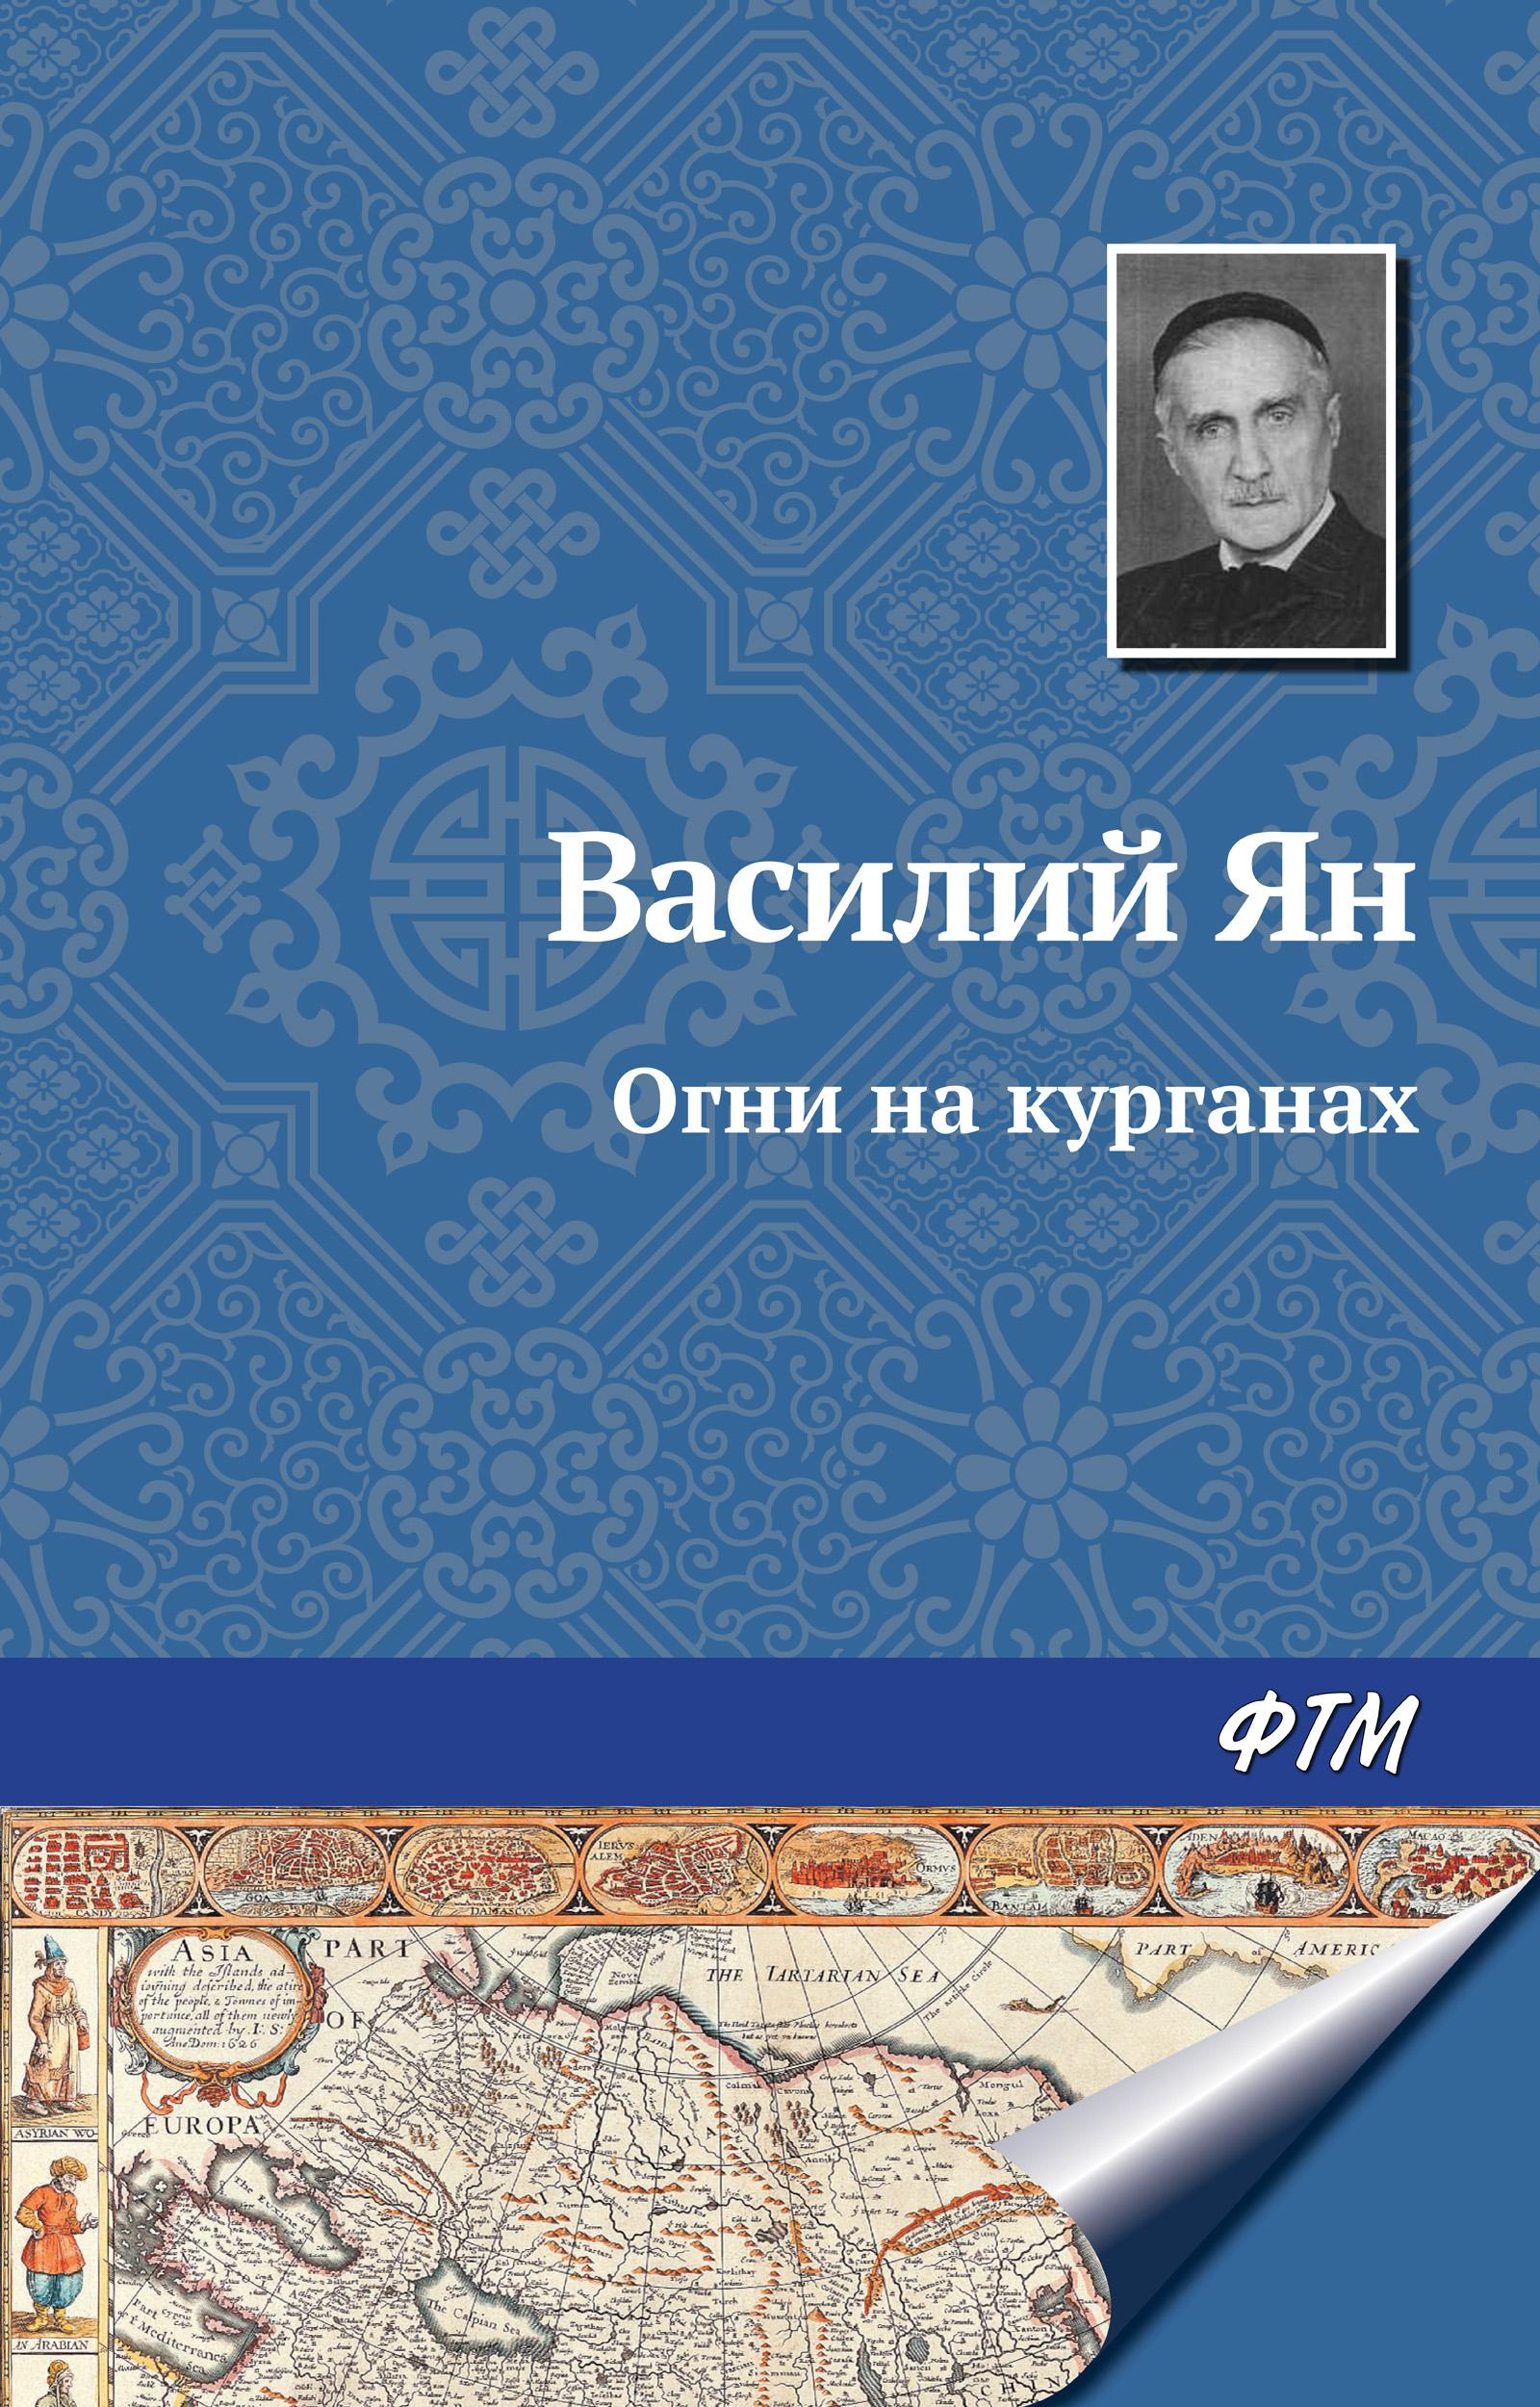 купить Василий Ян Огни на курганах по цене 69.9 рублей